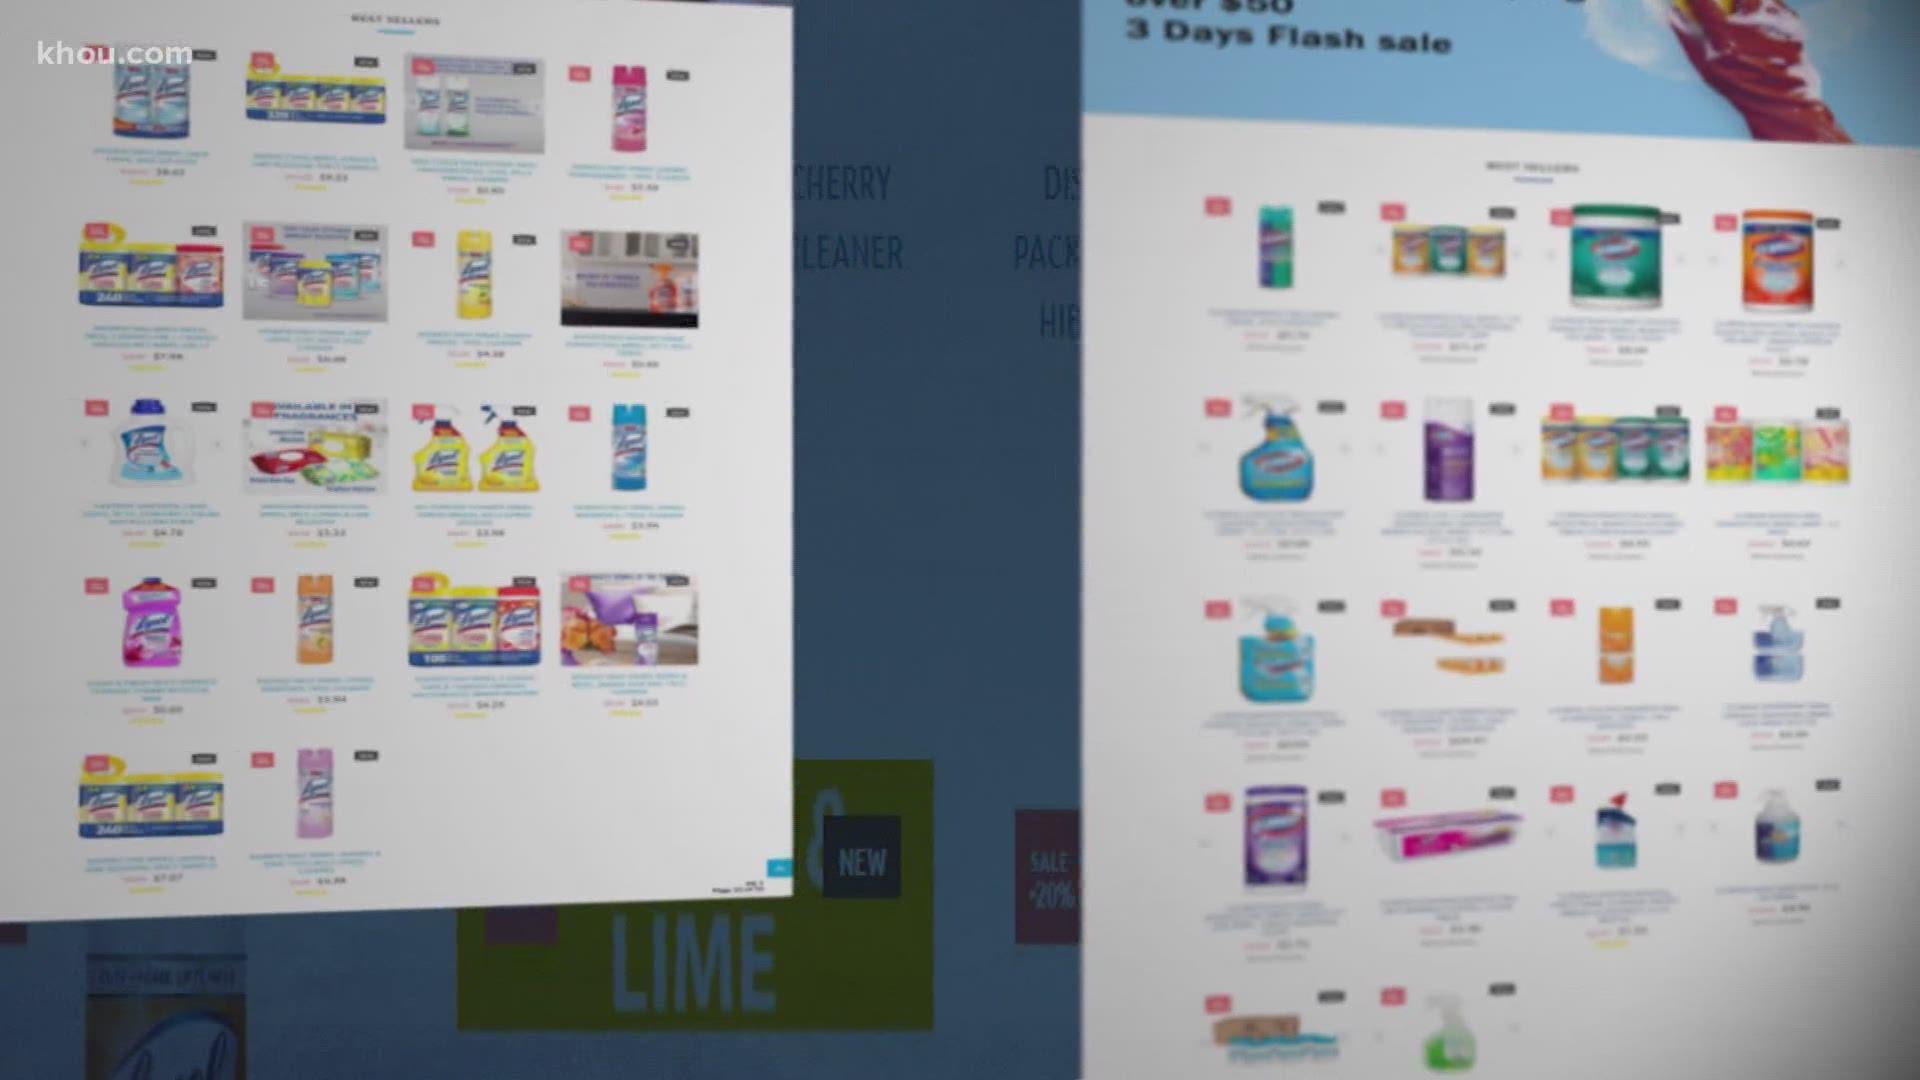 Ftc Bogus Clorox Lysol Websites Duped Consumers Wltx Com